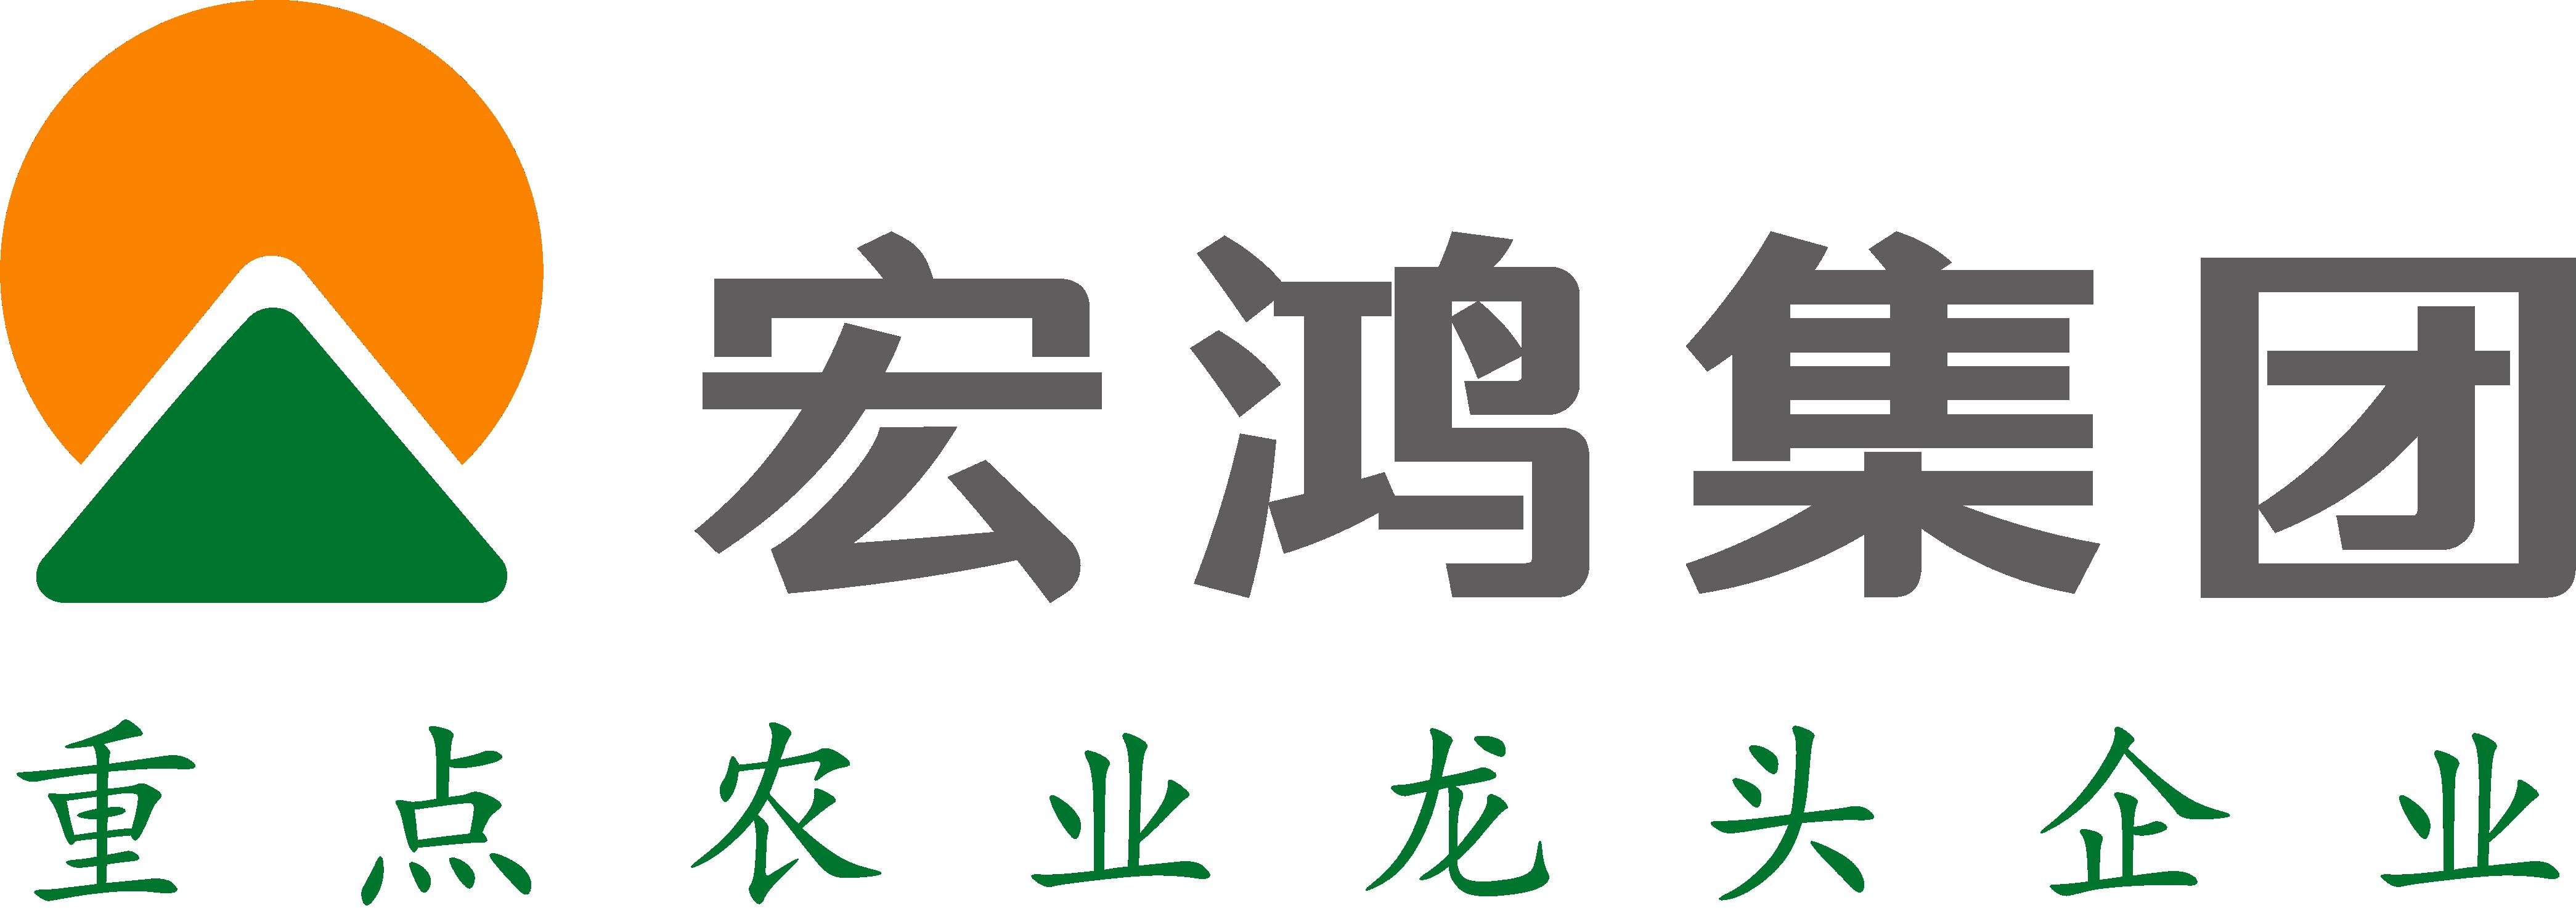 宏鸿农产品集团有限公司